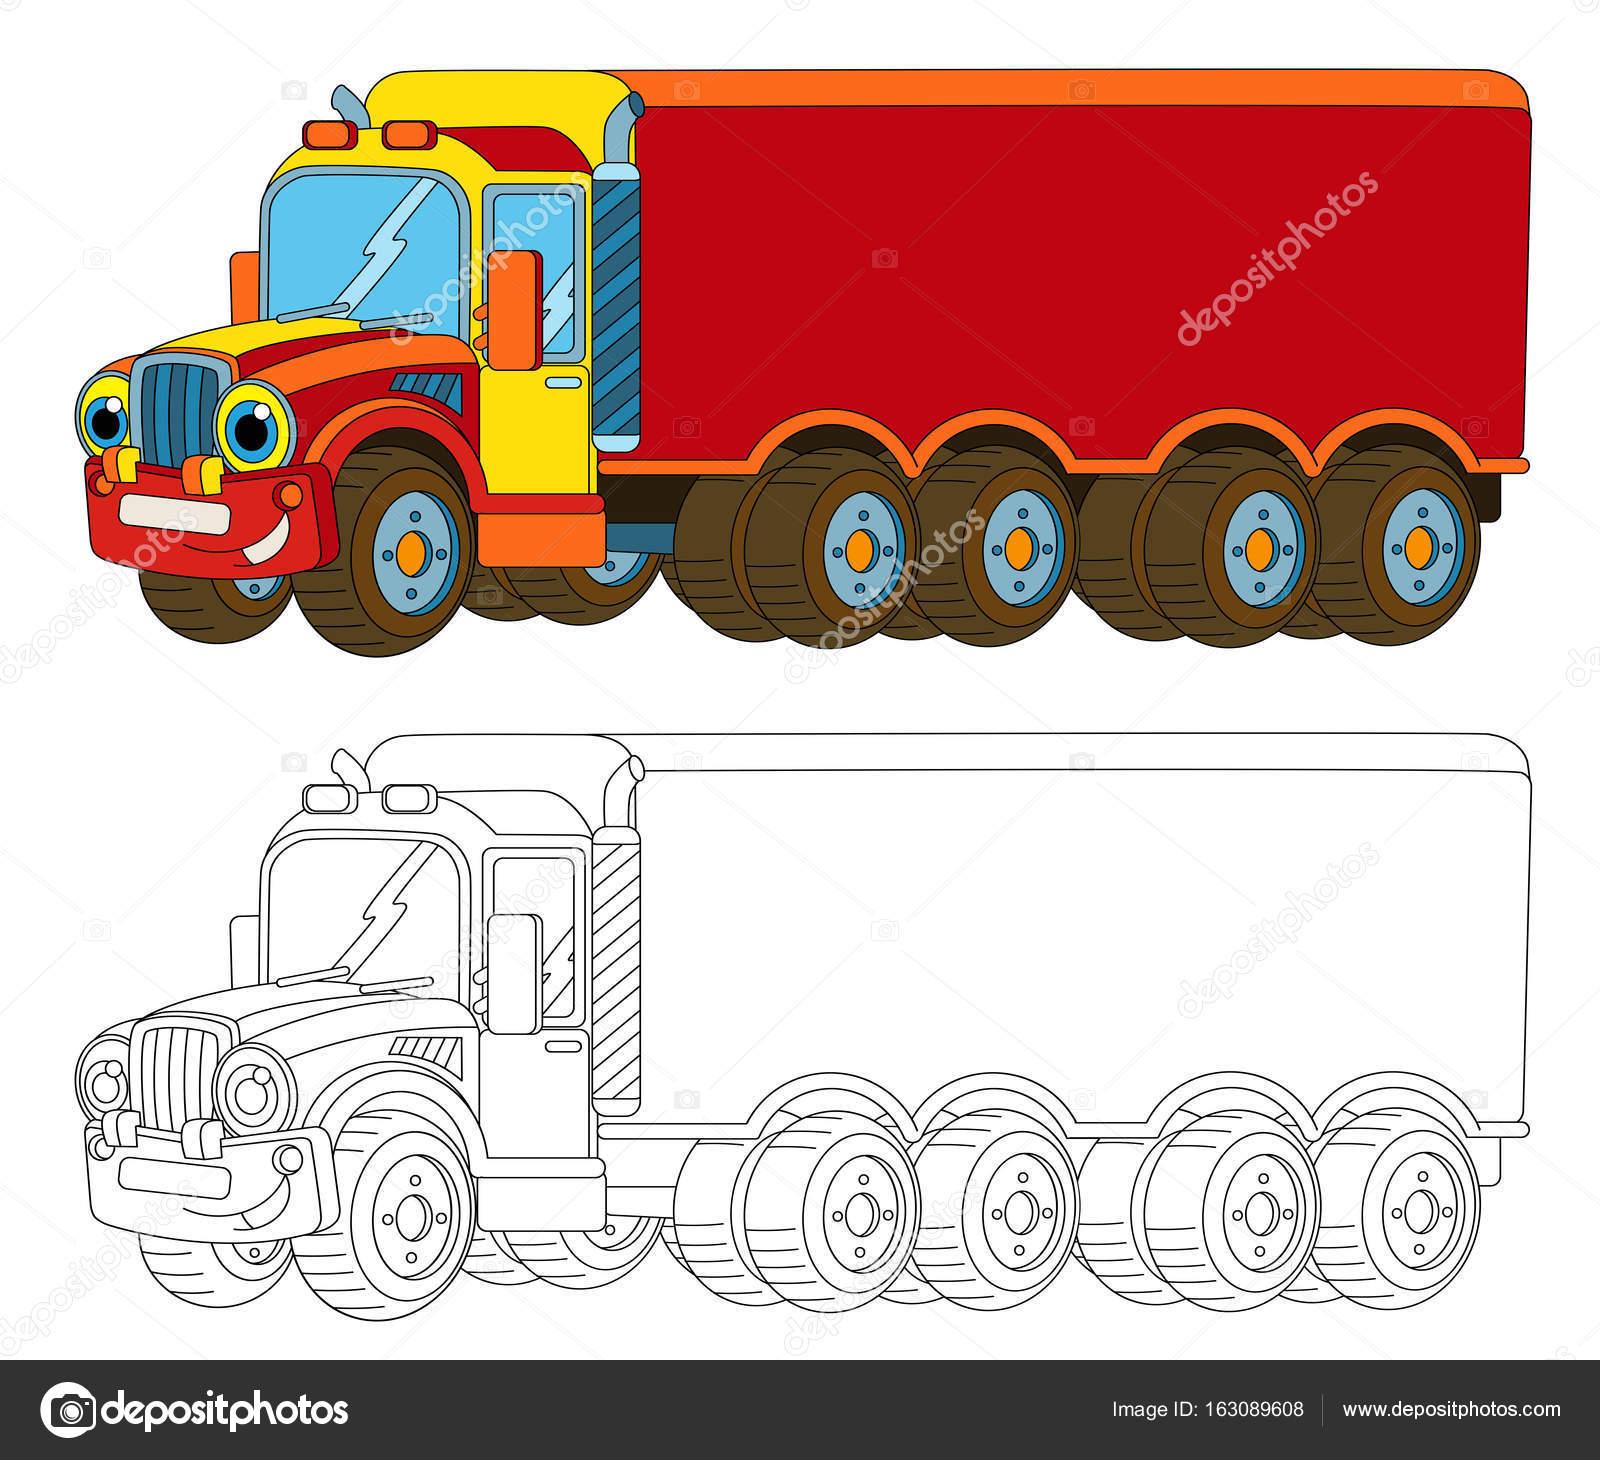 camión de carga con remolque - página para colorear — Fotos de Stock ...